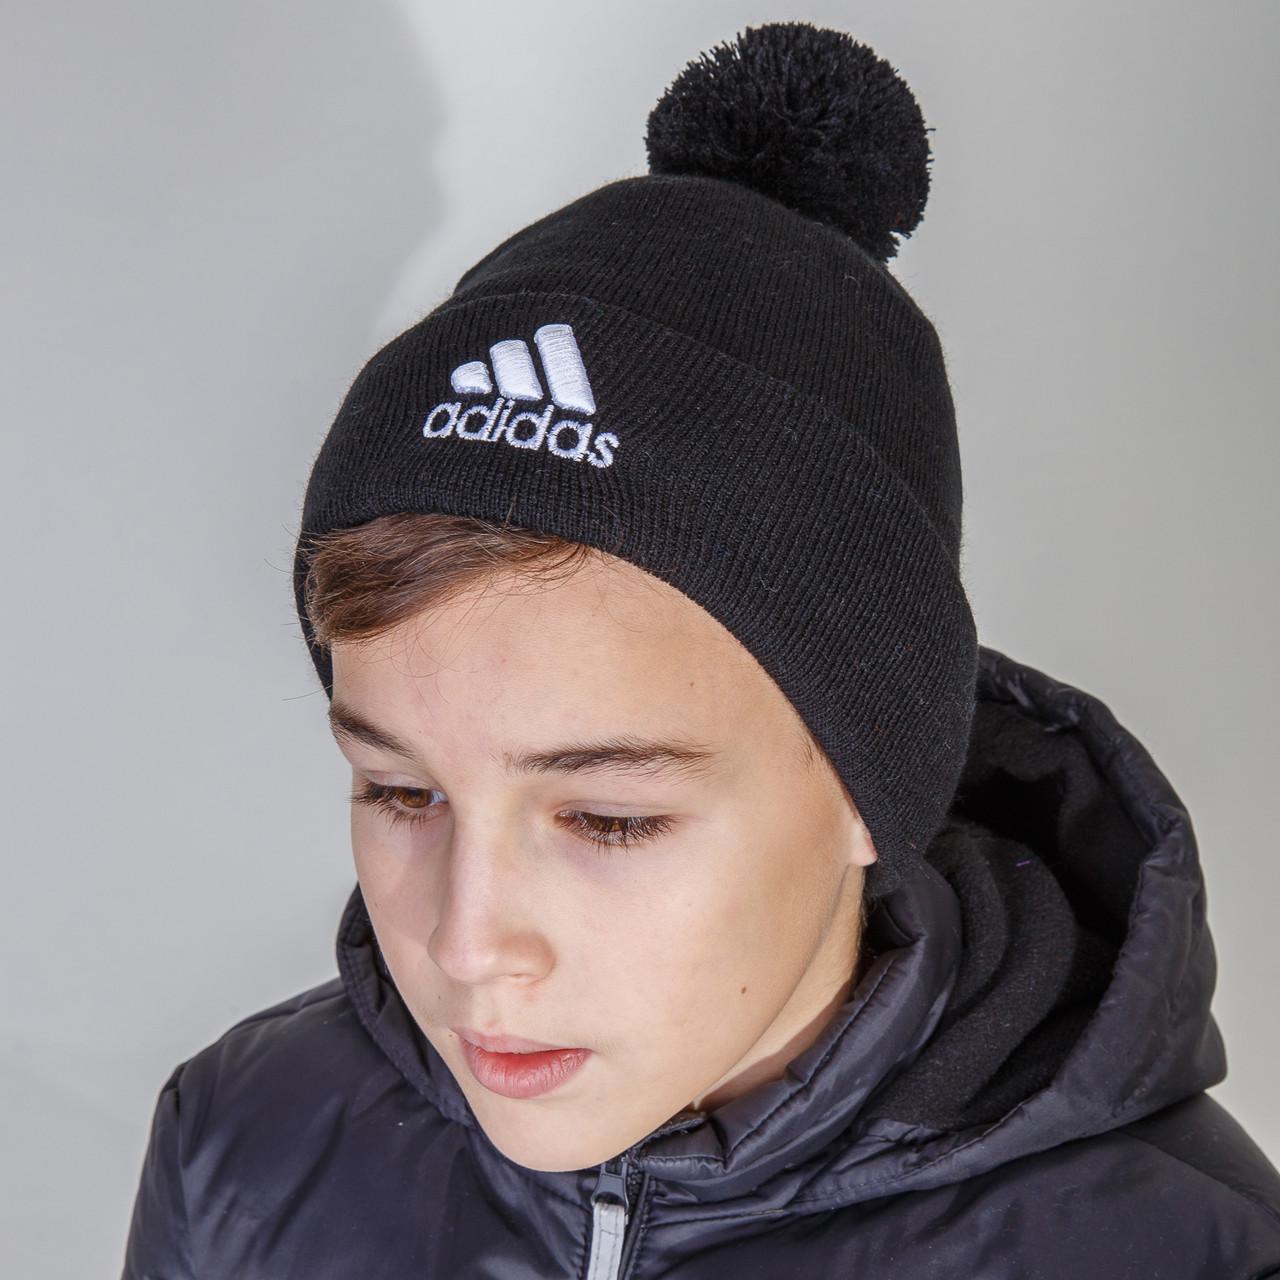 Стильная шапка на зиму для мальчика с помпоном Adidas (реплика) оптом - Артикул 2848